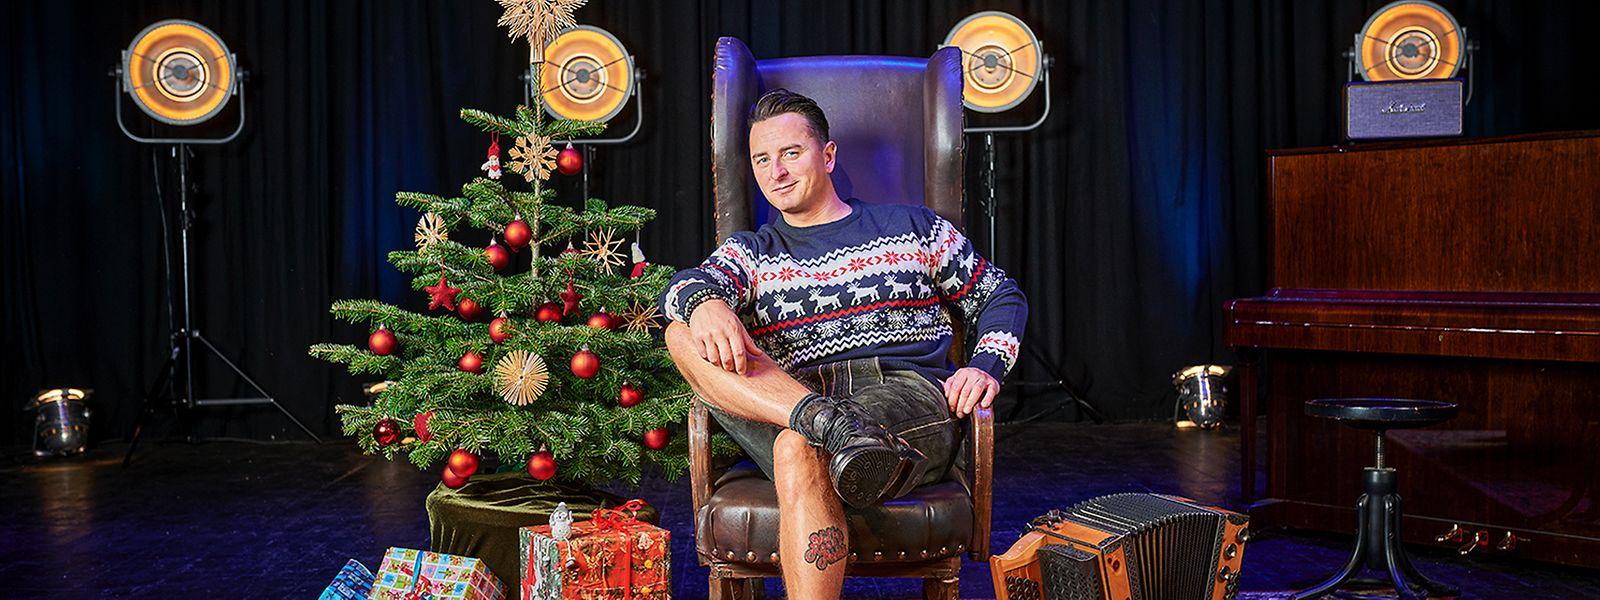 Andreas Gabalier startet mit Zuversicht und einem neuen Album in die Weihnachtszeit.